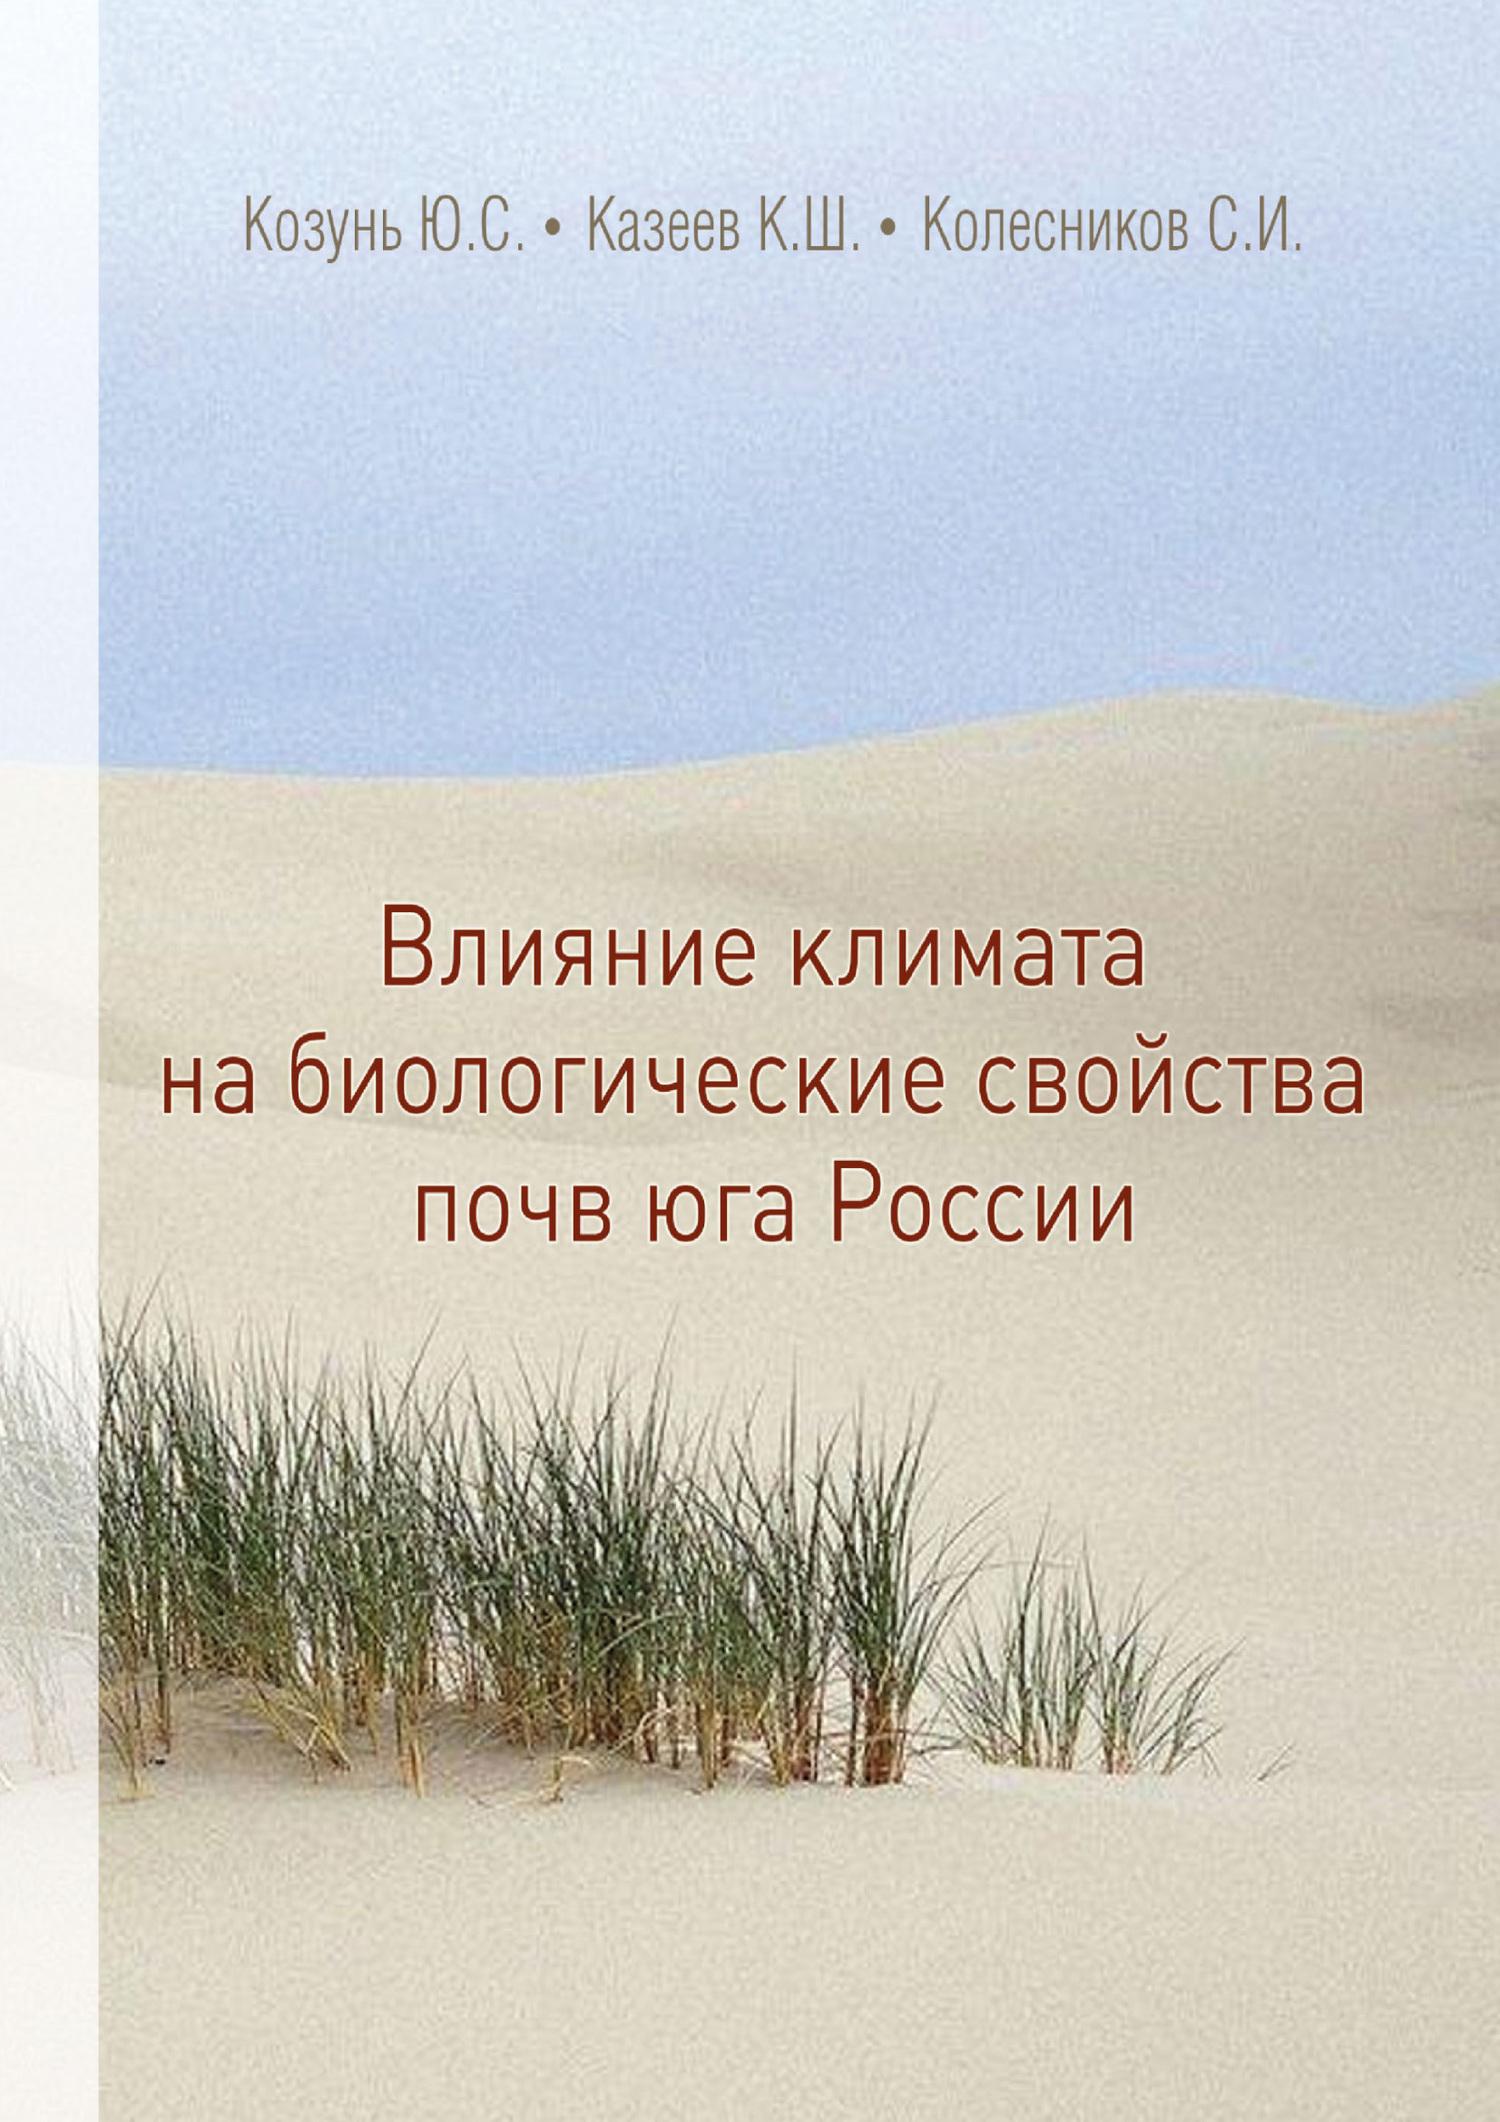 С. И. Колесников Влияние климата на биологические свойства почв юга России ISBN: 978-5-9275-1184-6 цены онлайн